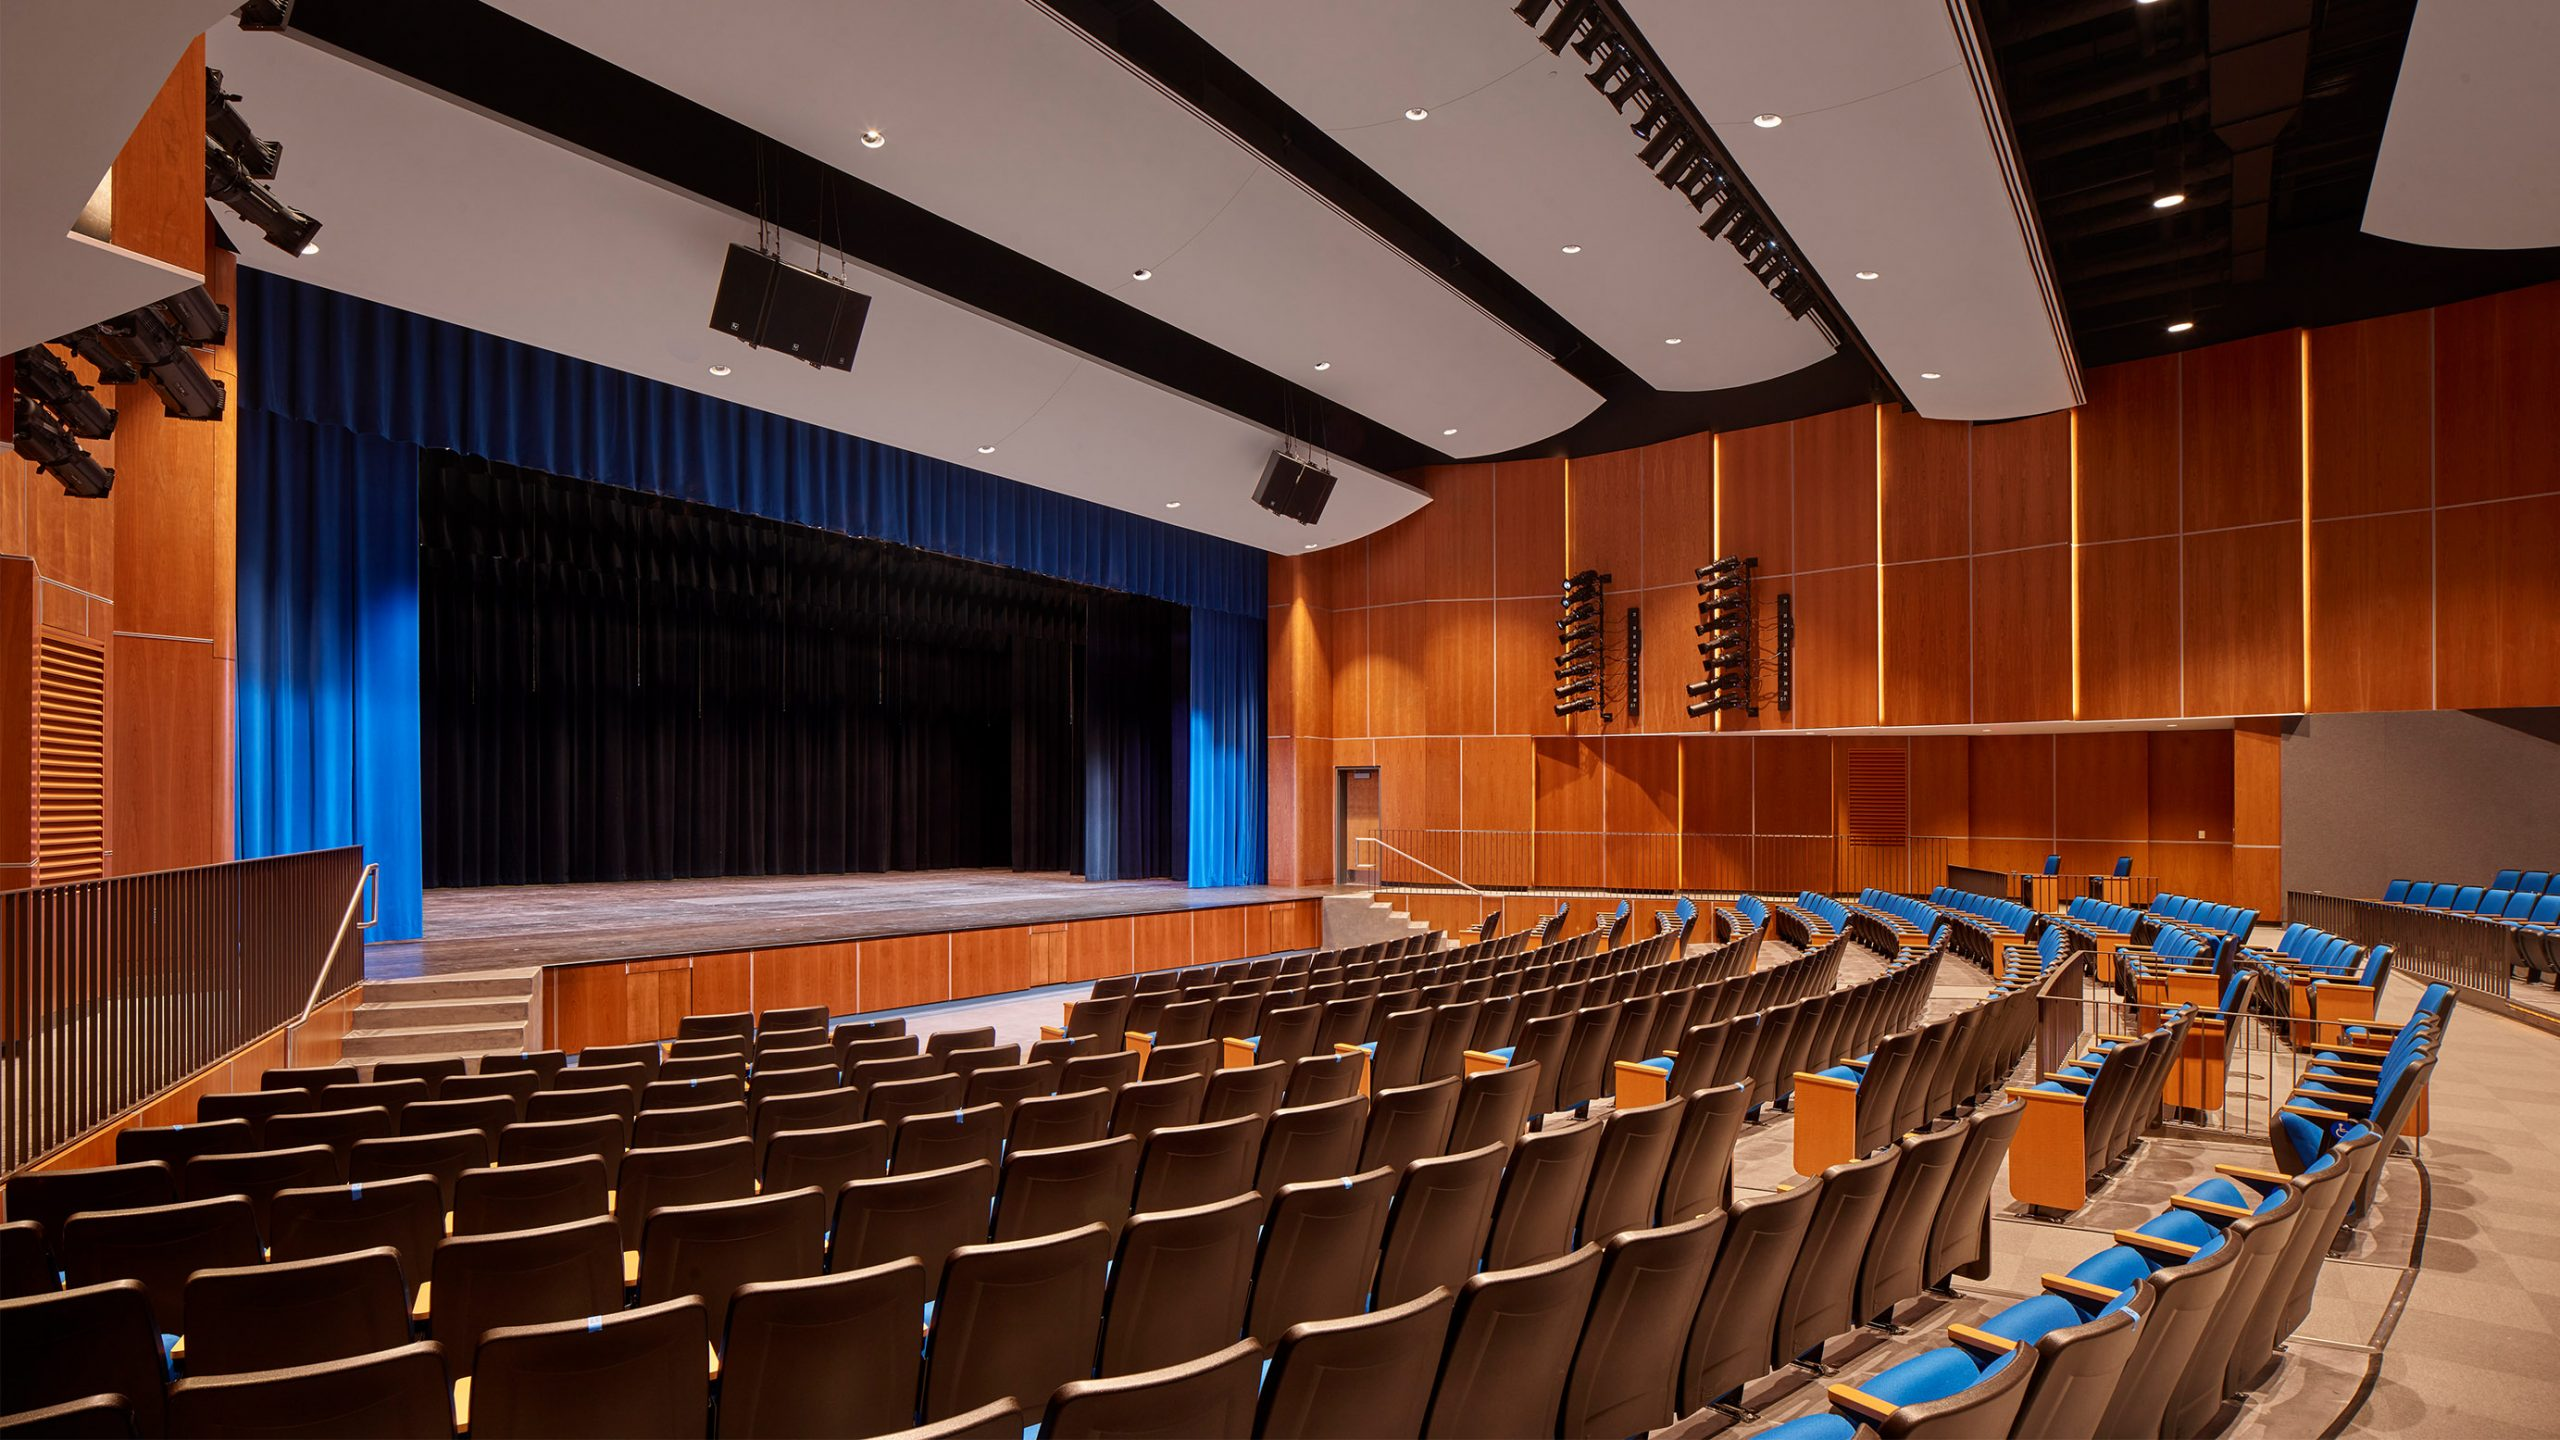 8-Auditorium_SCHRADERGROUP_Springfield_School_District_High_School_Perkins&Will